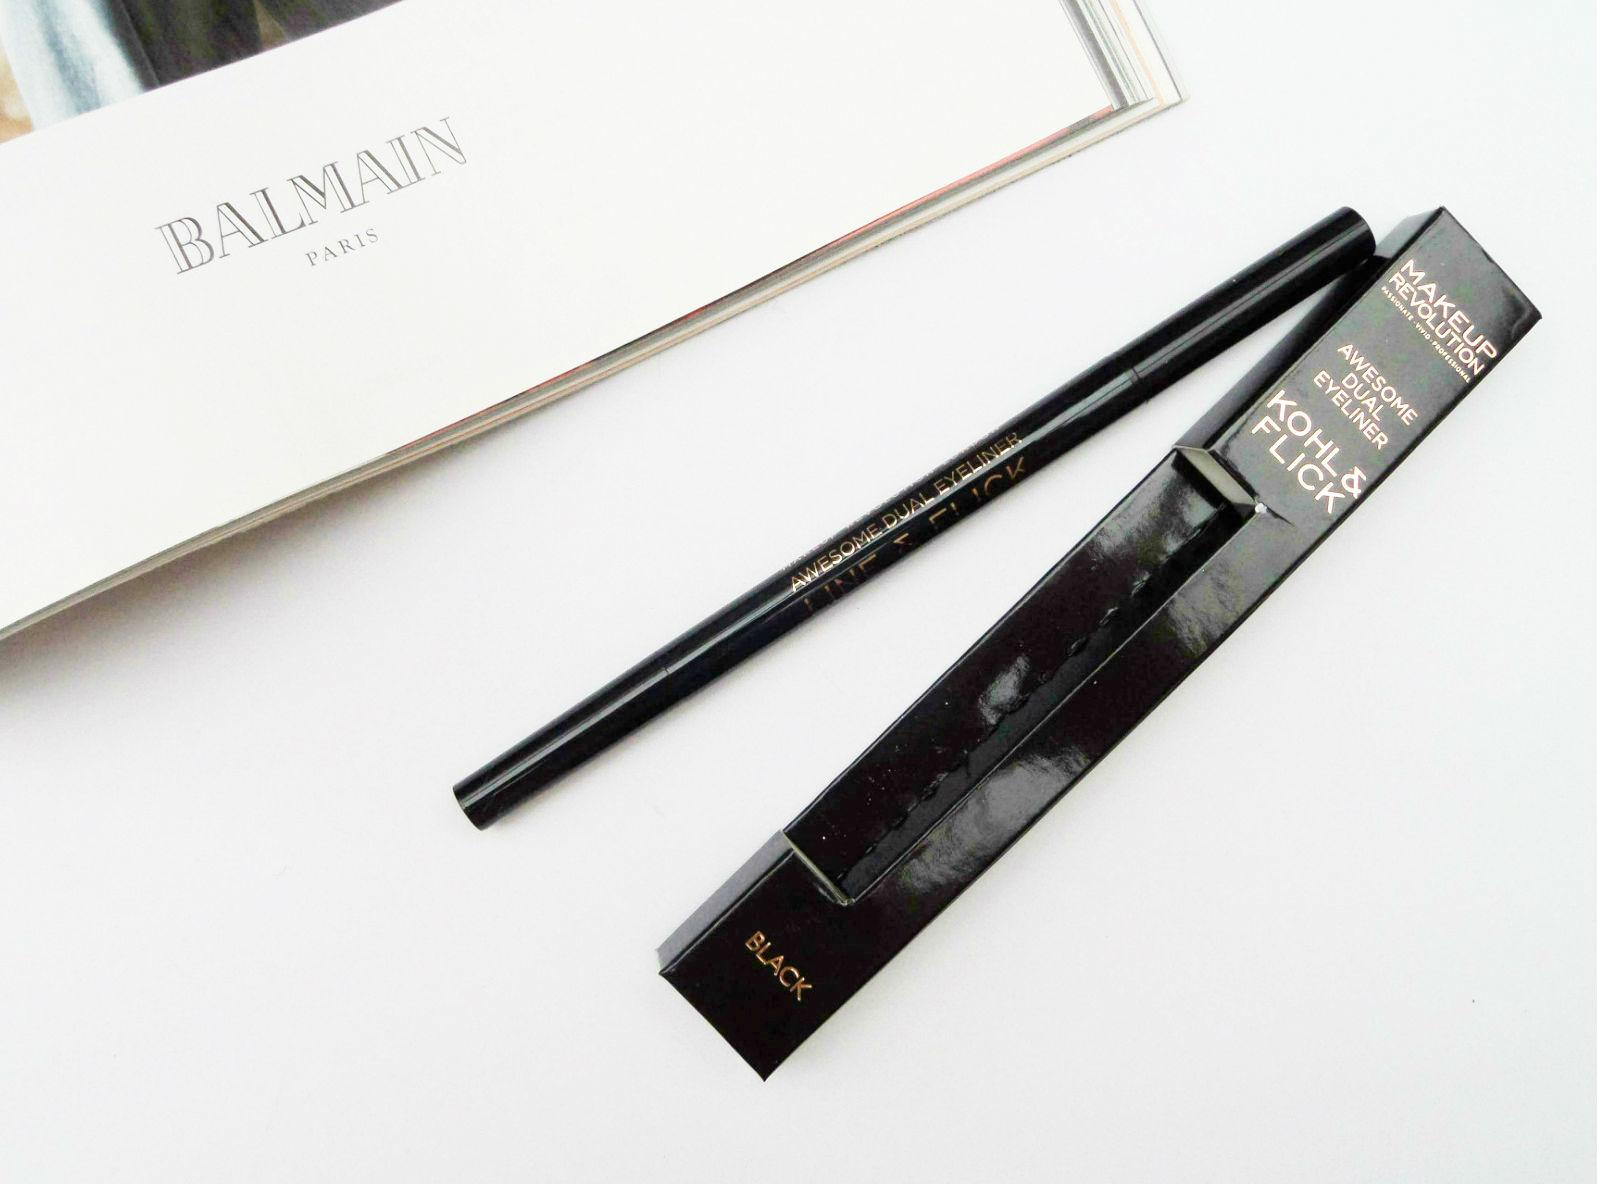 The Makeup Revolution Kohl & Flick Eyeliner Review